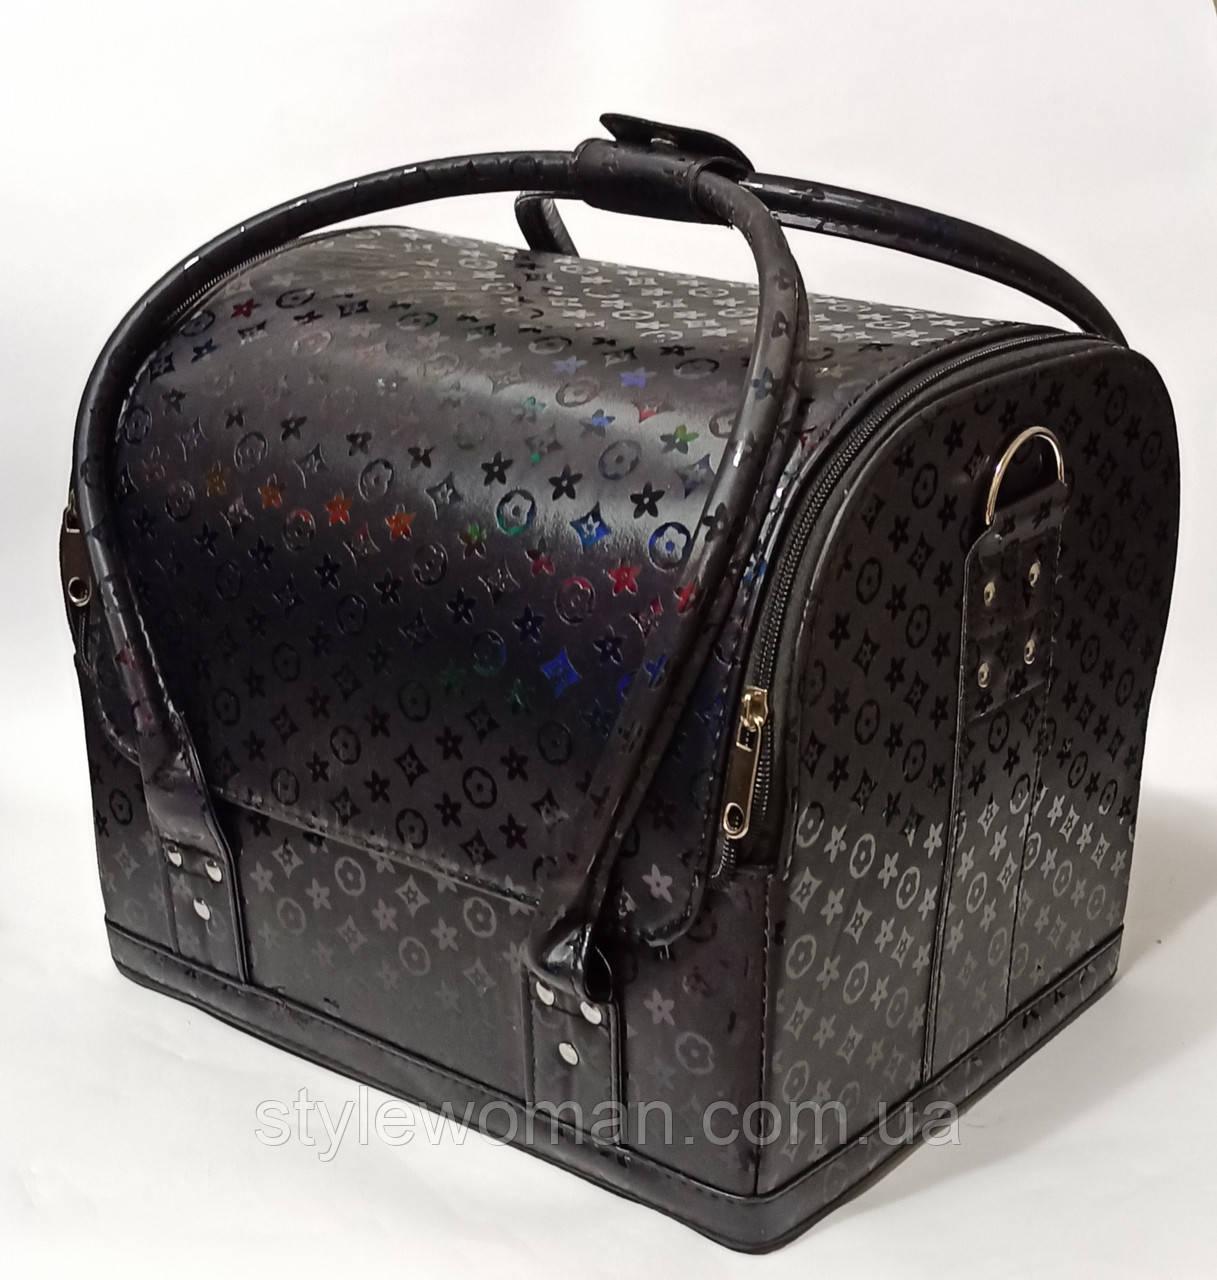 Бьюти кейс чемодан для мастера салонов красоты из кожзама на змейке черный луи